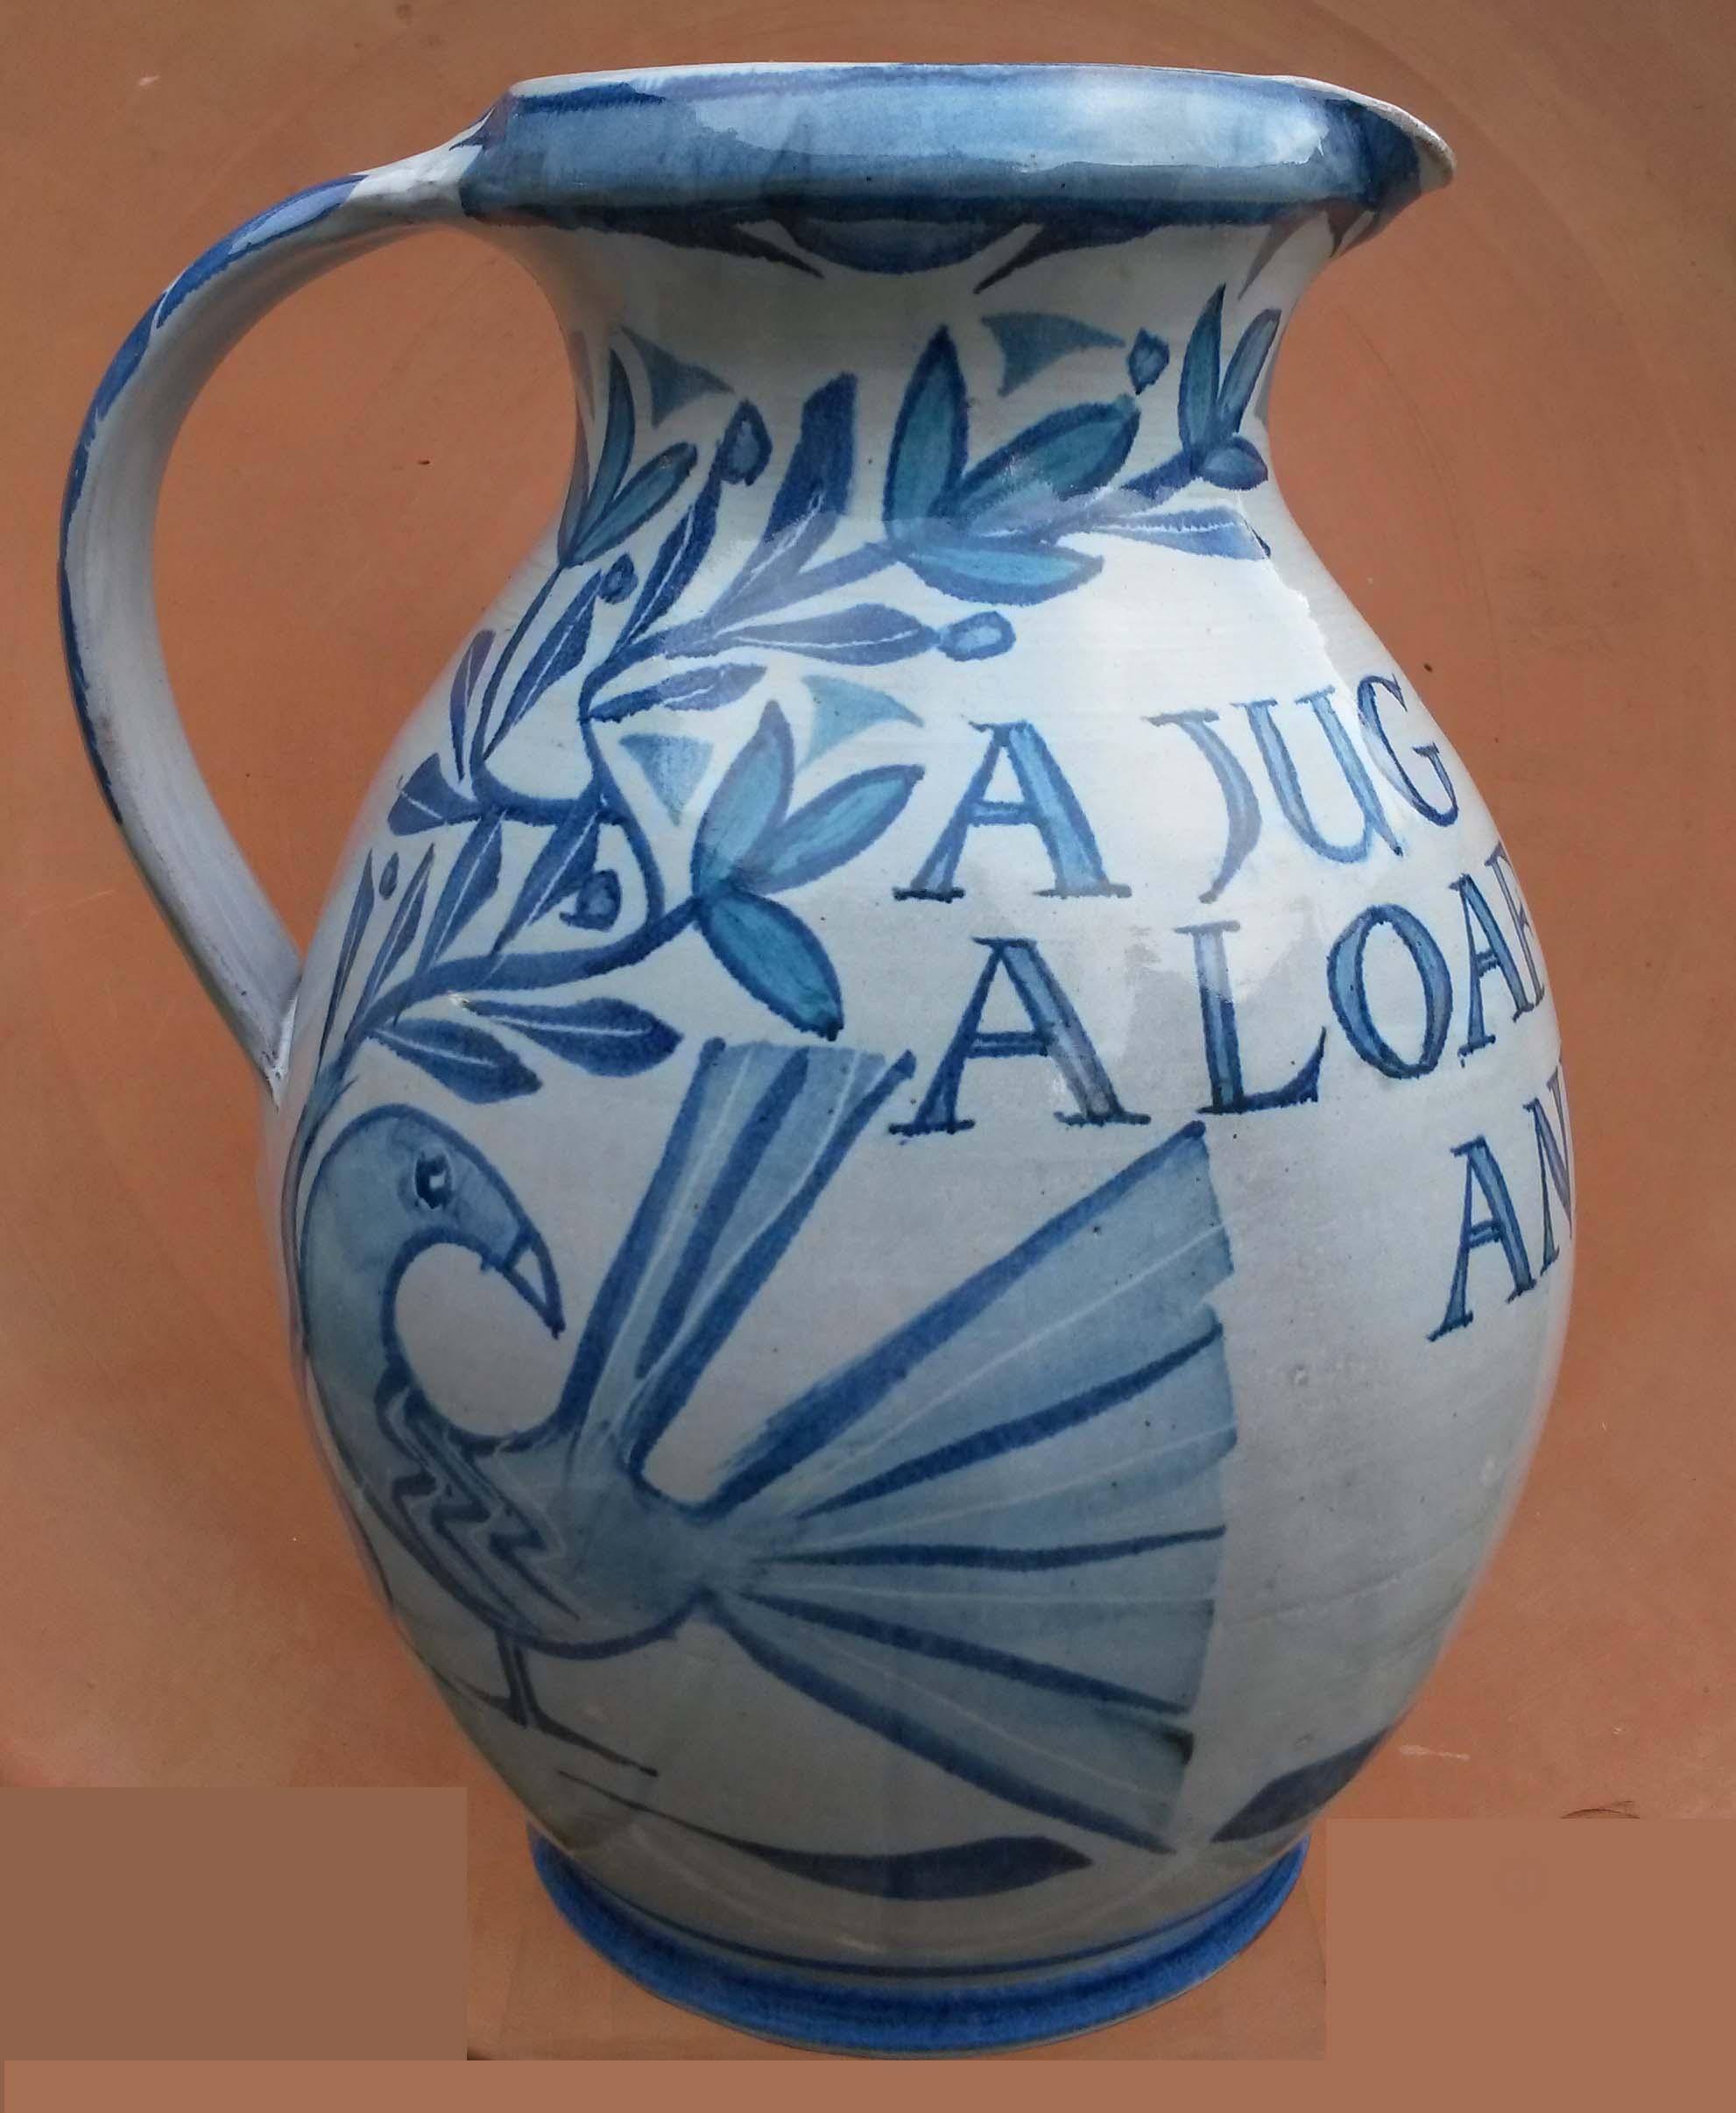 17. Three pint jug